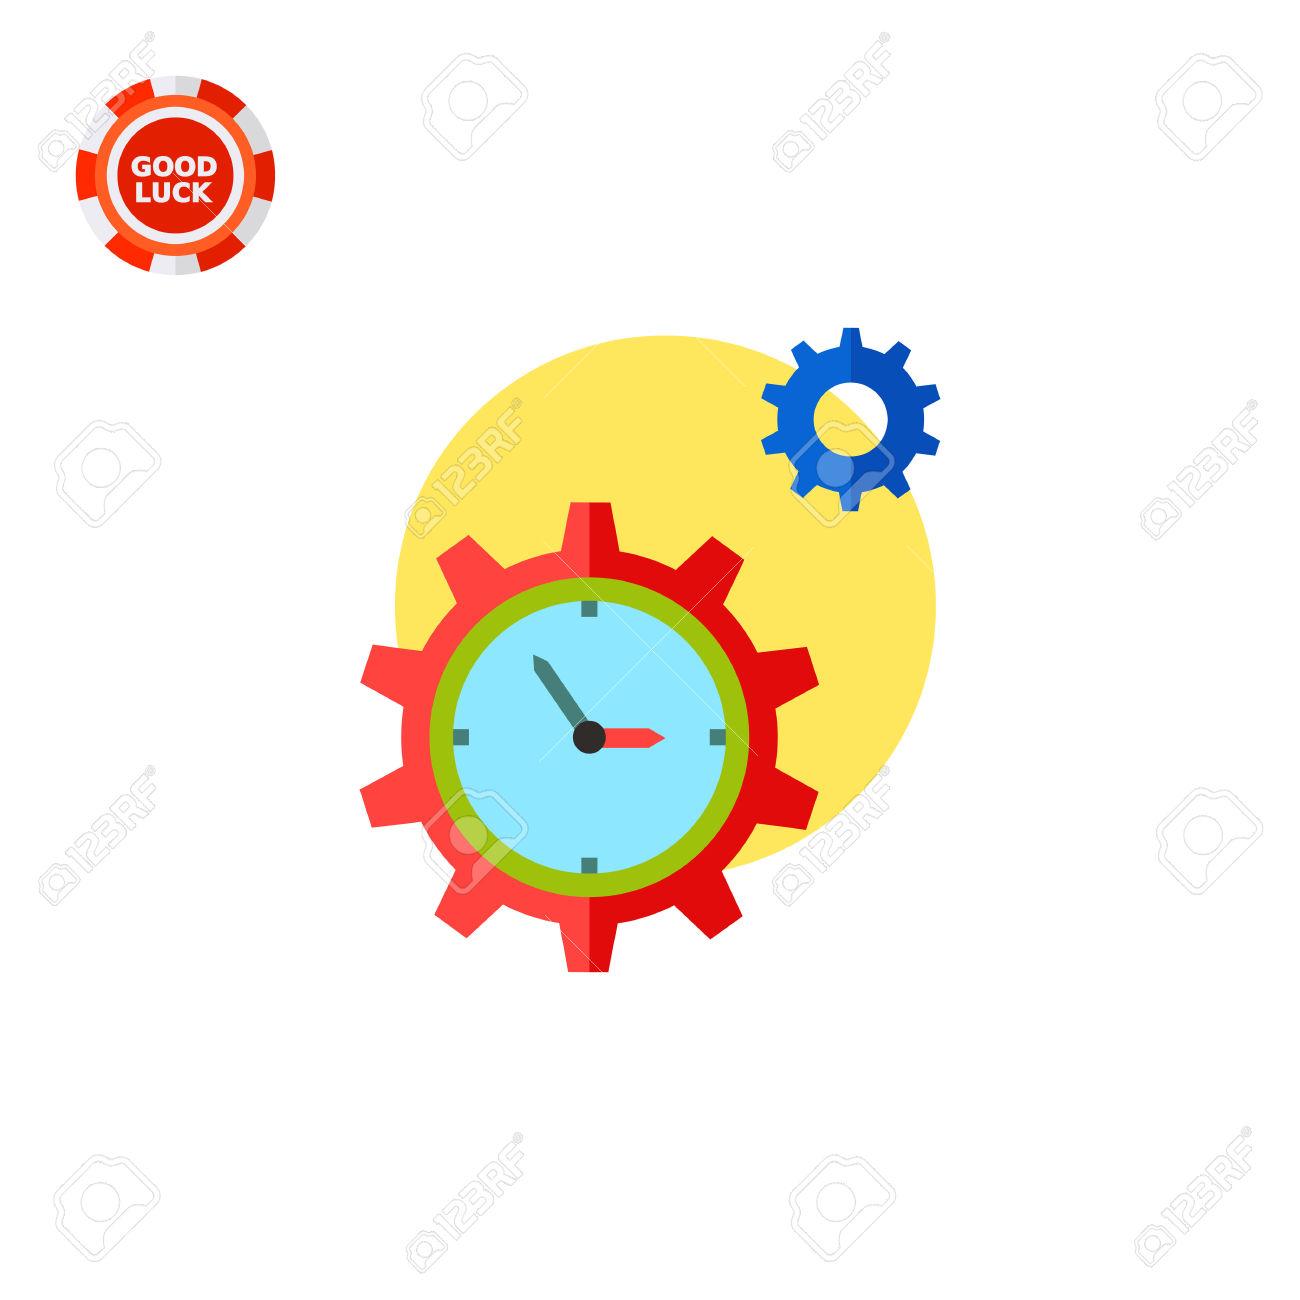 Reloj En Forma De Rueda Dentada Y Otra Marcha Con El Sol En El.